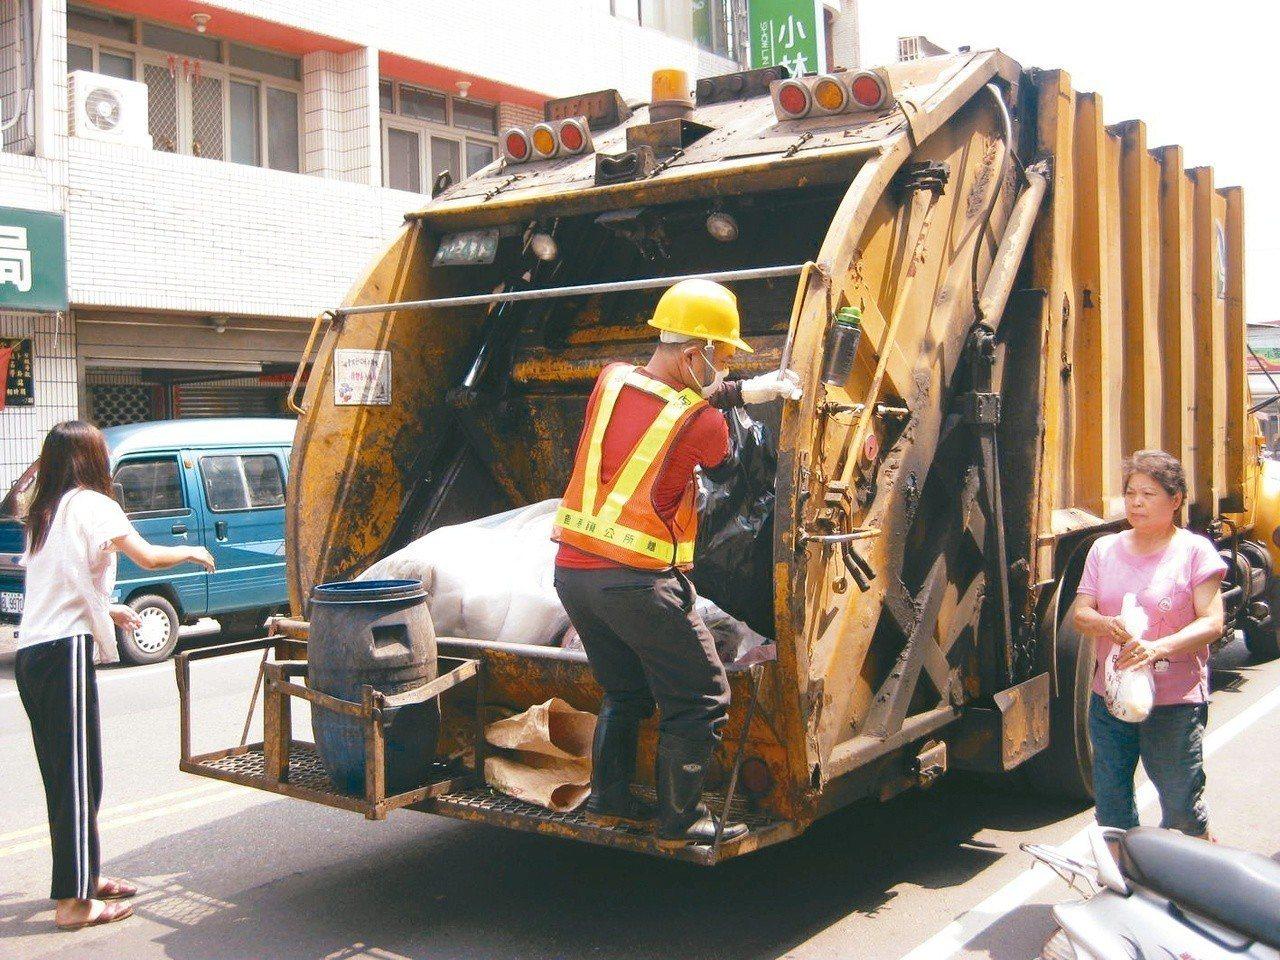 環保工會聯合會理事長蘇家源指出,清潔隊員被迫站在垃圾車後方。 圖╱聯合報系資料照...